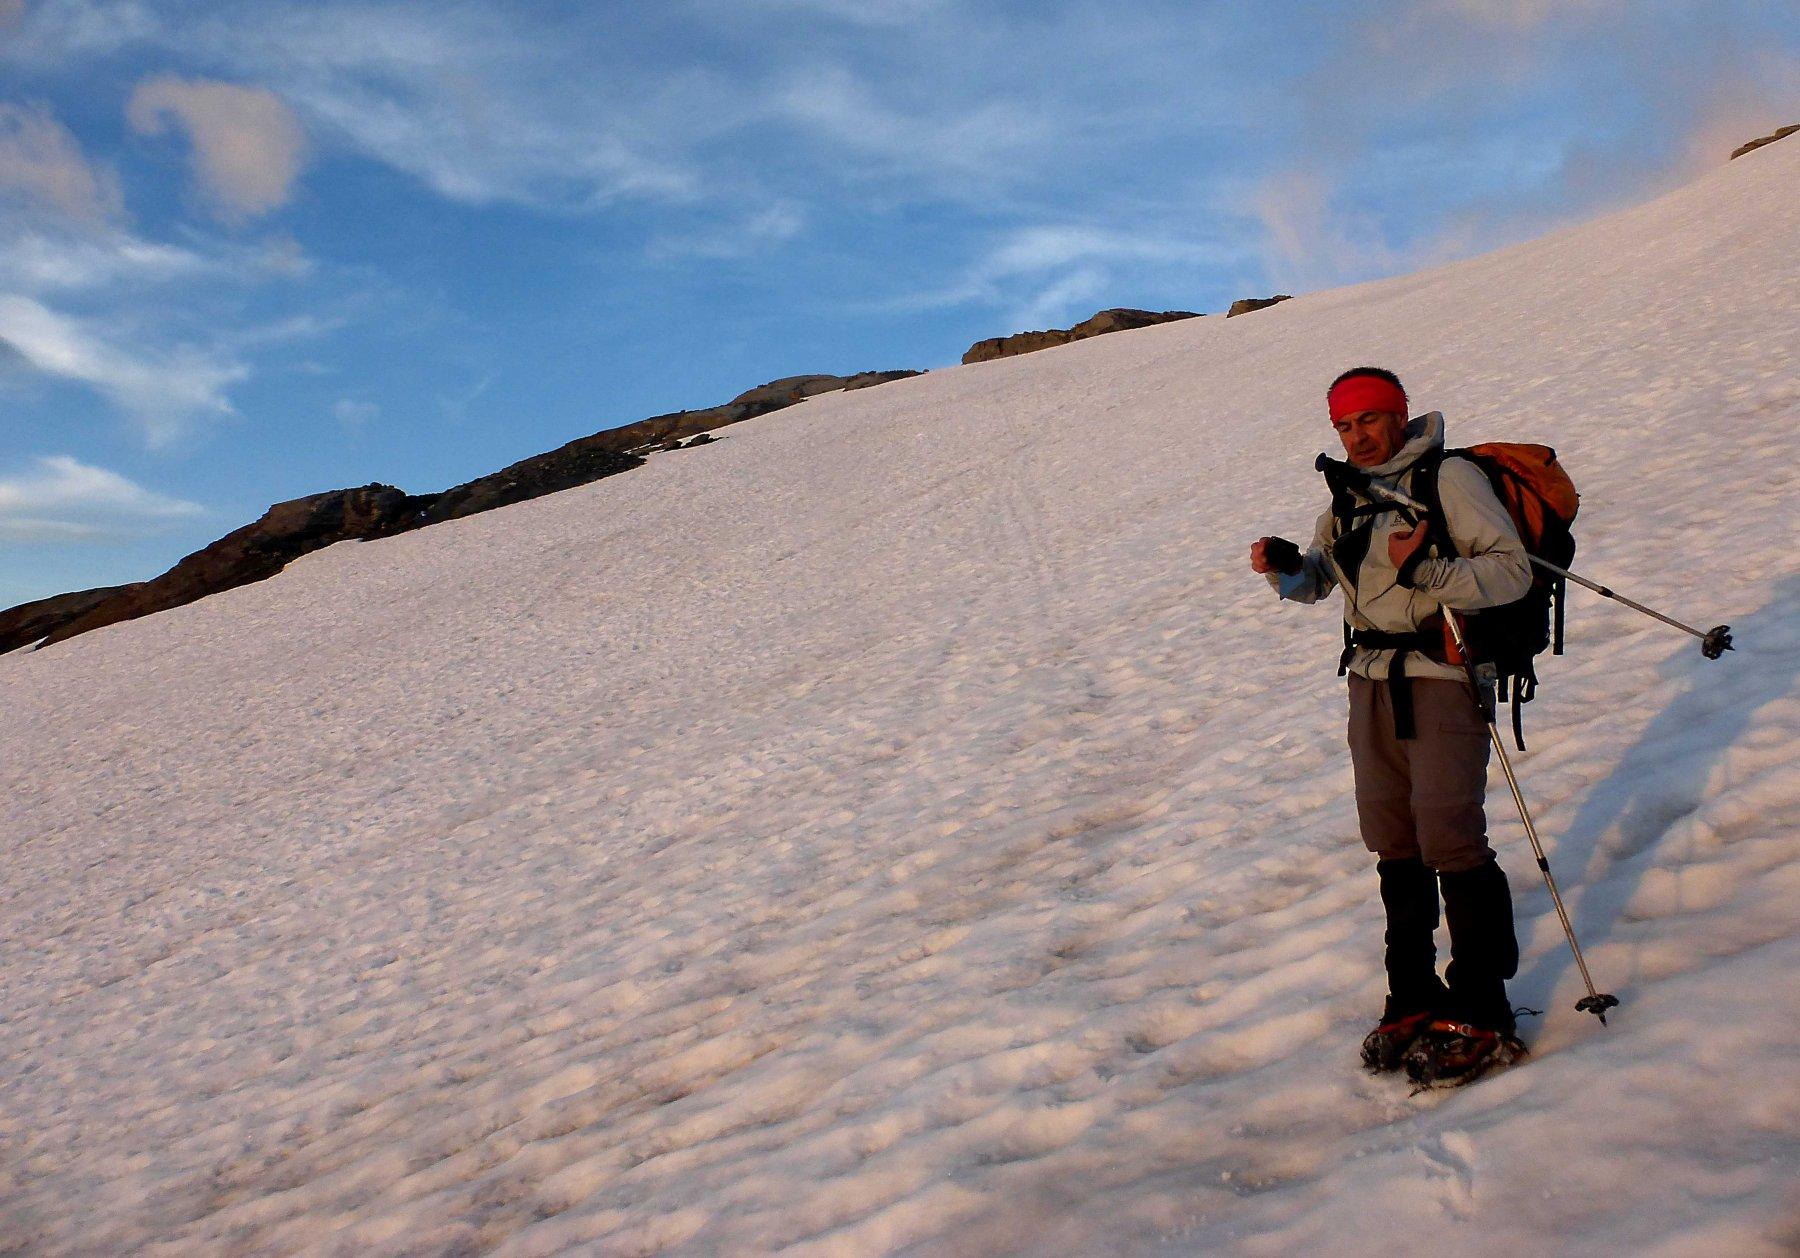 Primo sole sul ghiacciaio, neve portante